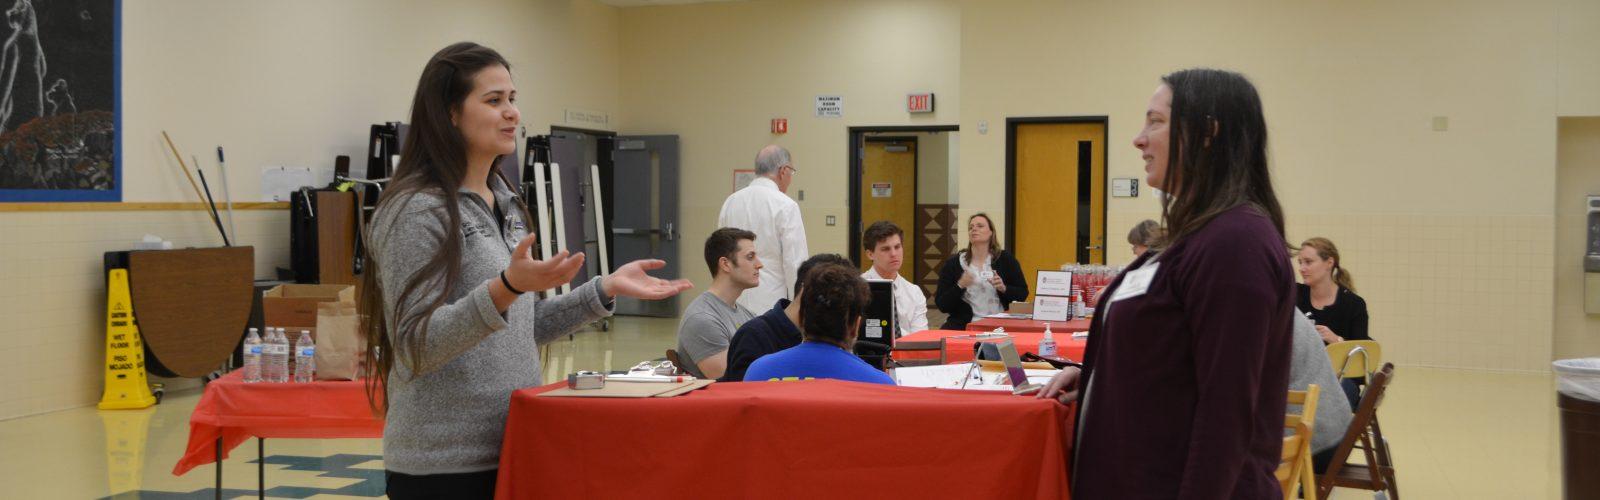 Volunteers talking before a health fair starts